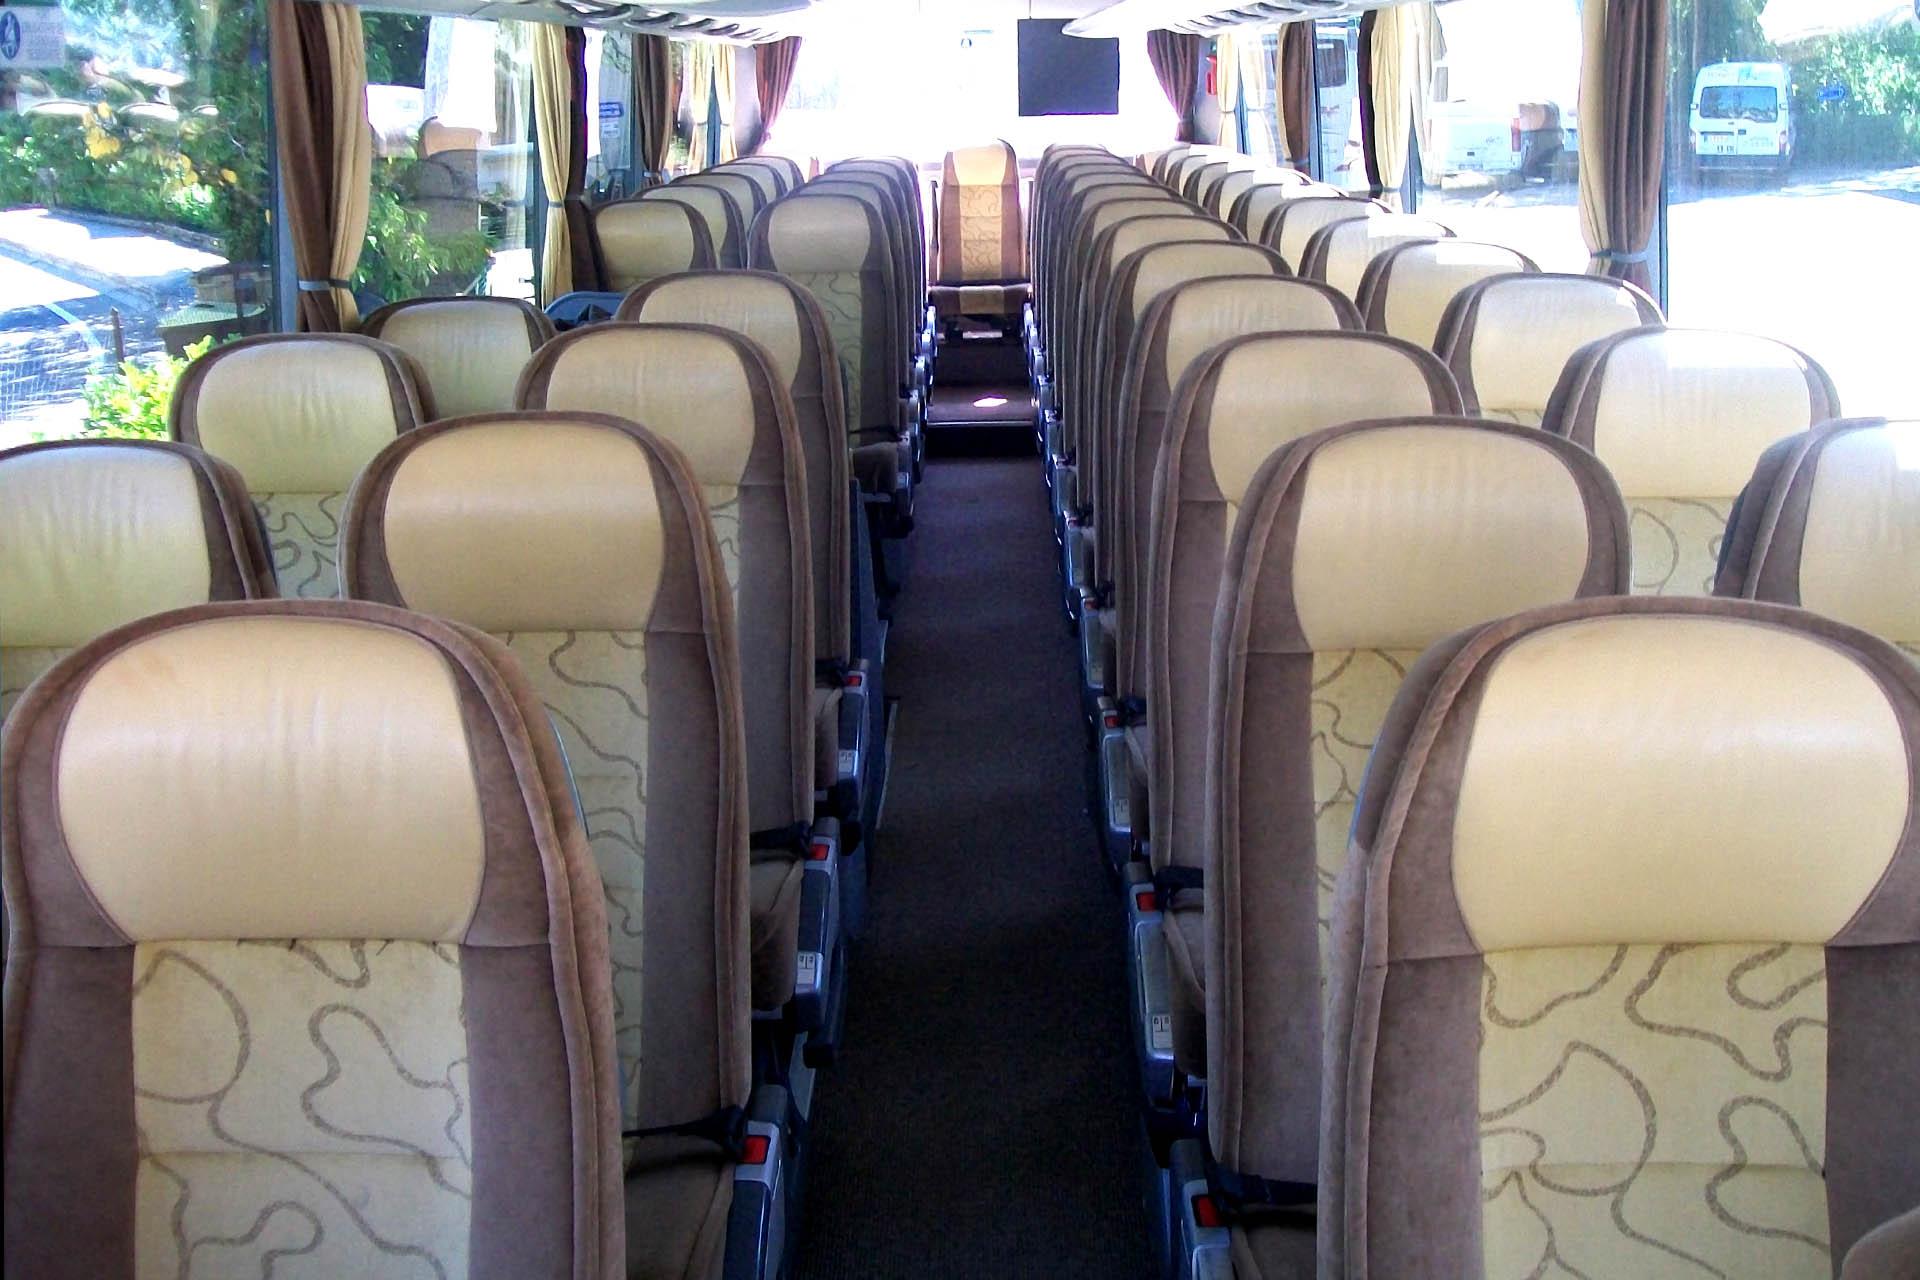 interieur-setra-415hd-autocars-boulet-mende